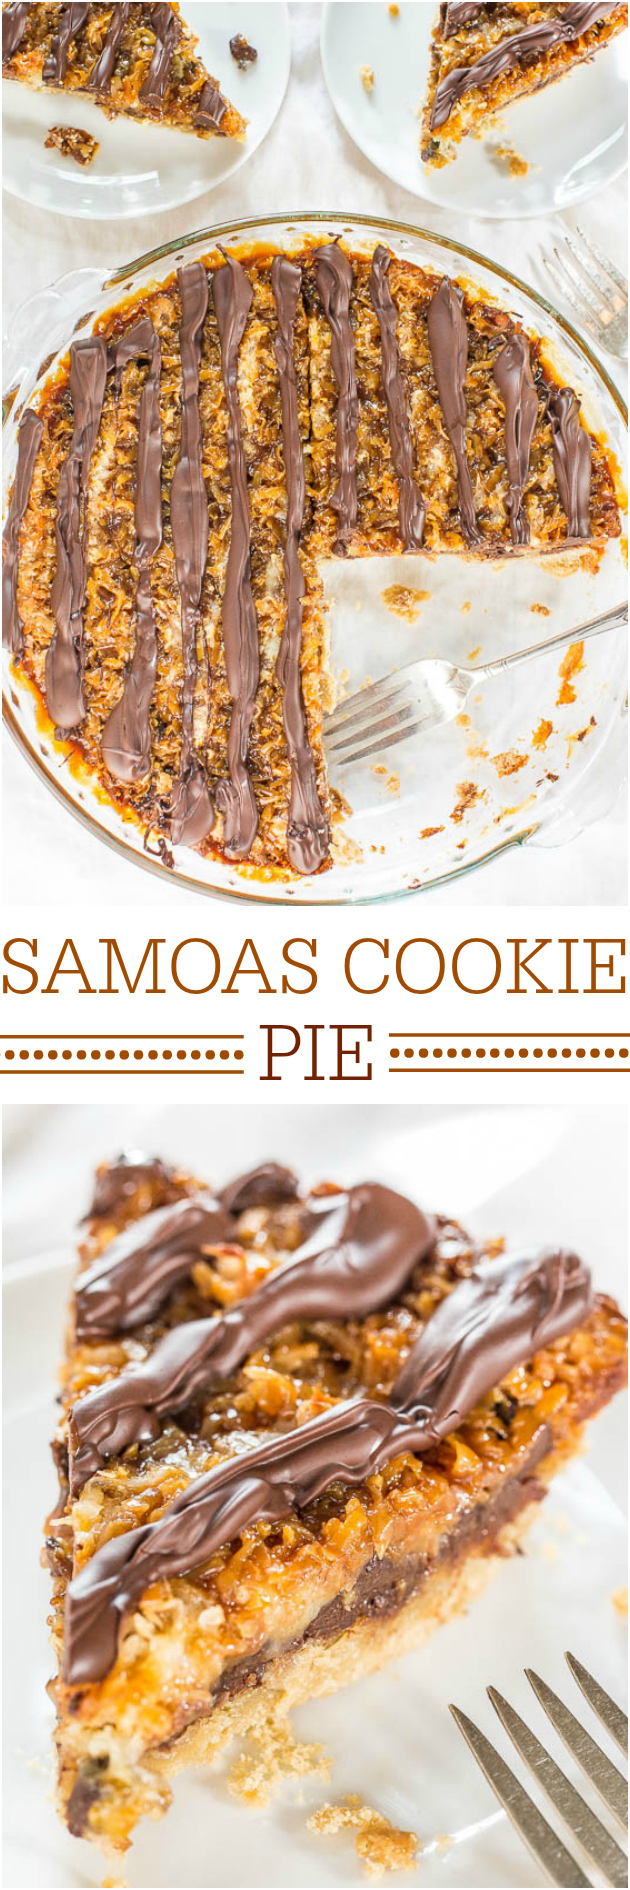 Samoas Cookie Pie - ¡Muévete sobre las galletas de Girl Scouts! ¡El sabor de esta galleta gigante fácil es 100% perfecto! ¡Hola temporada de galletas todo el año!